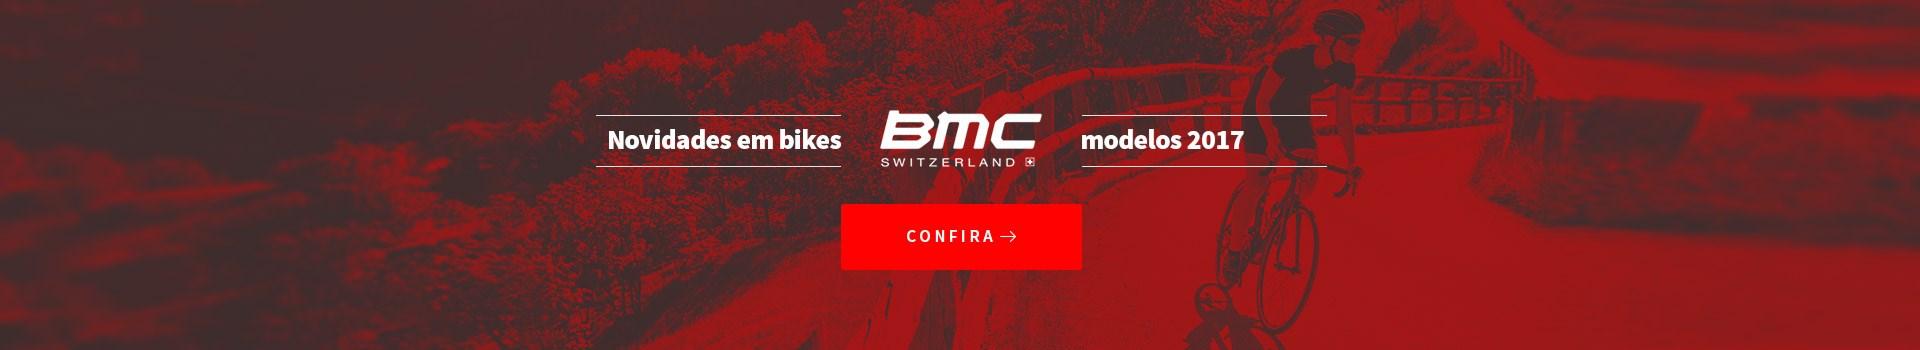 Novidade Bikes BMC